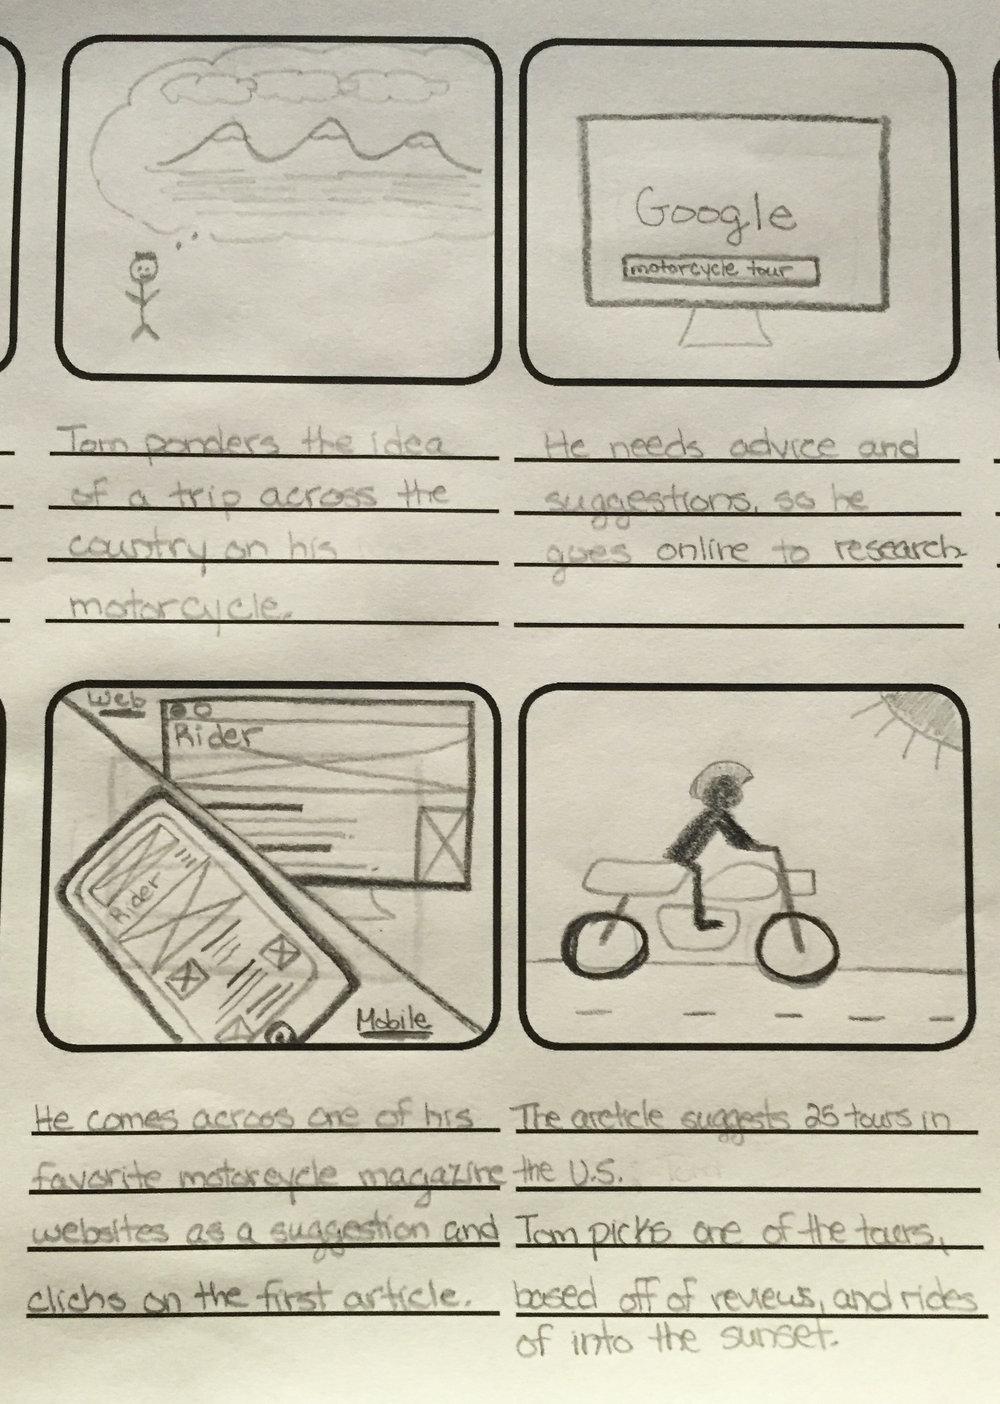 Rider storyboard sketch.jpg